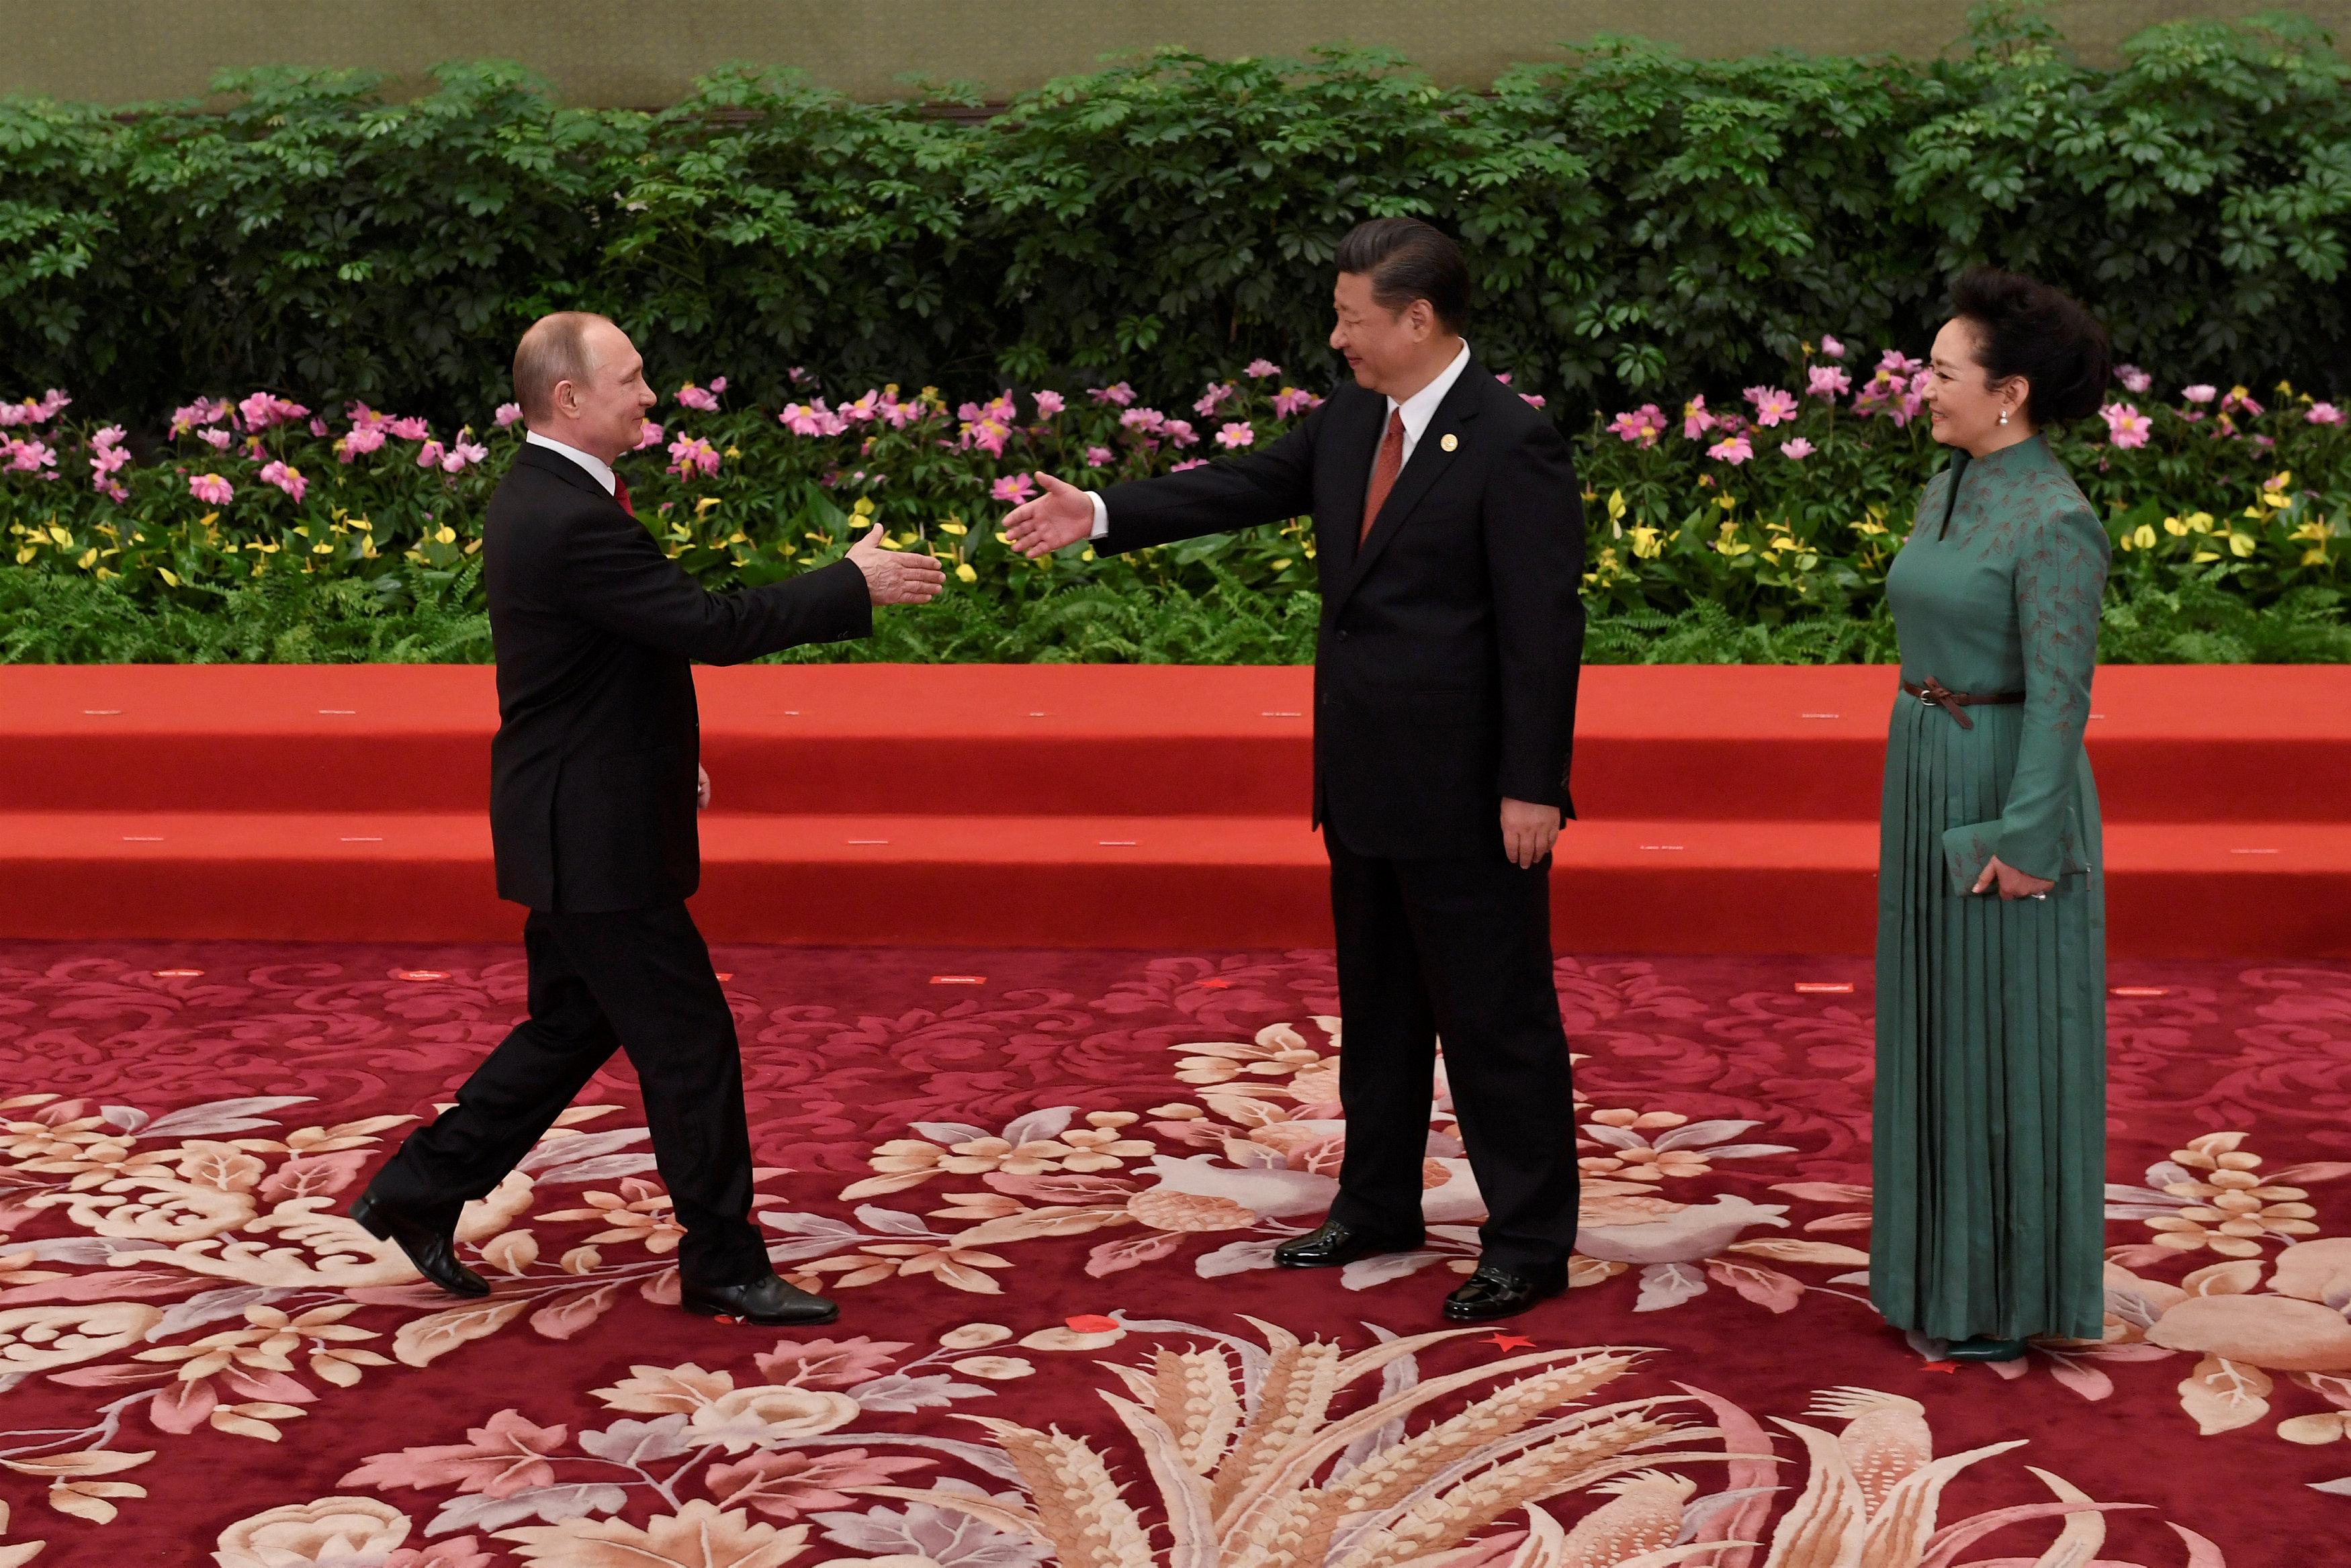 ترحيب صينى بالرئيس الروسى